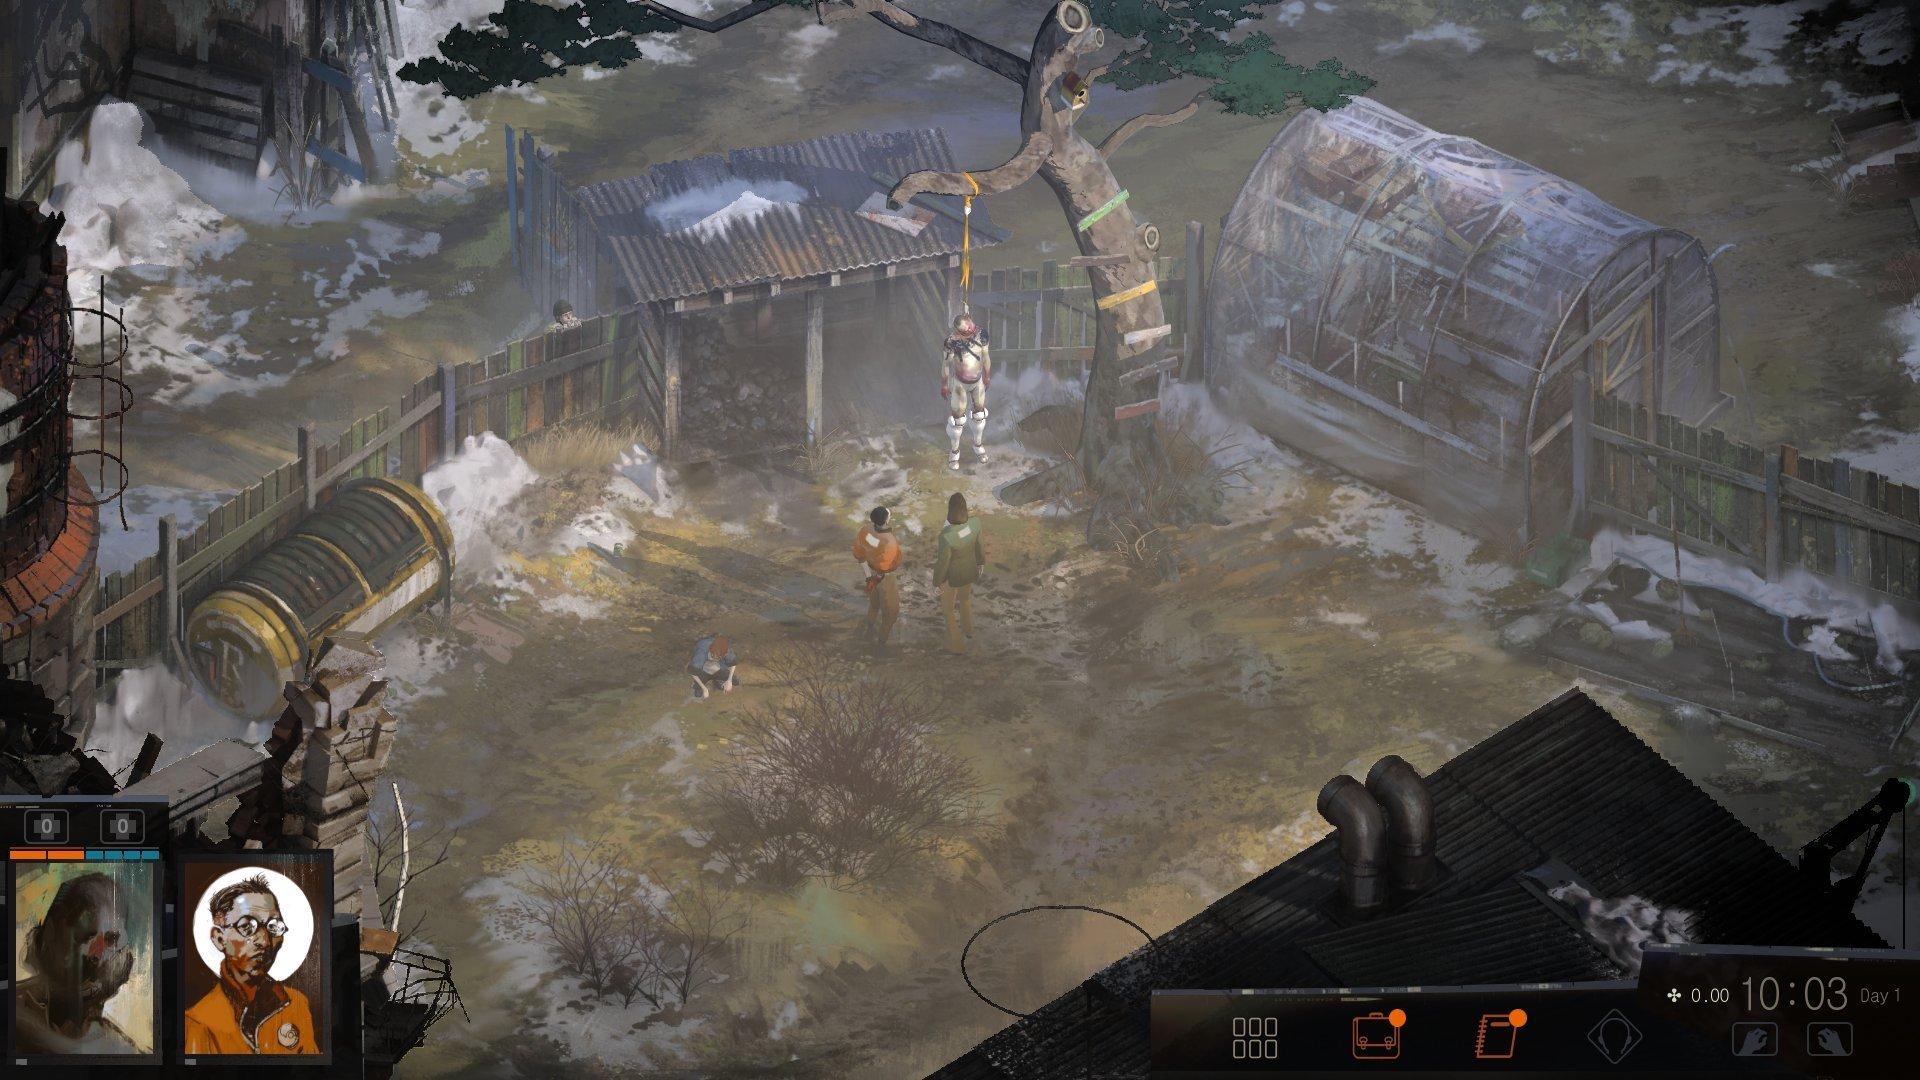 Скриншот к игре Disco Elysium v.8487d973 [GOG] (2019) скачать торрент Лицензия